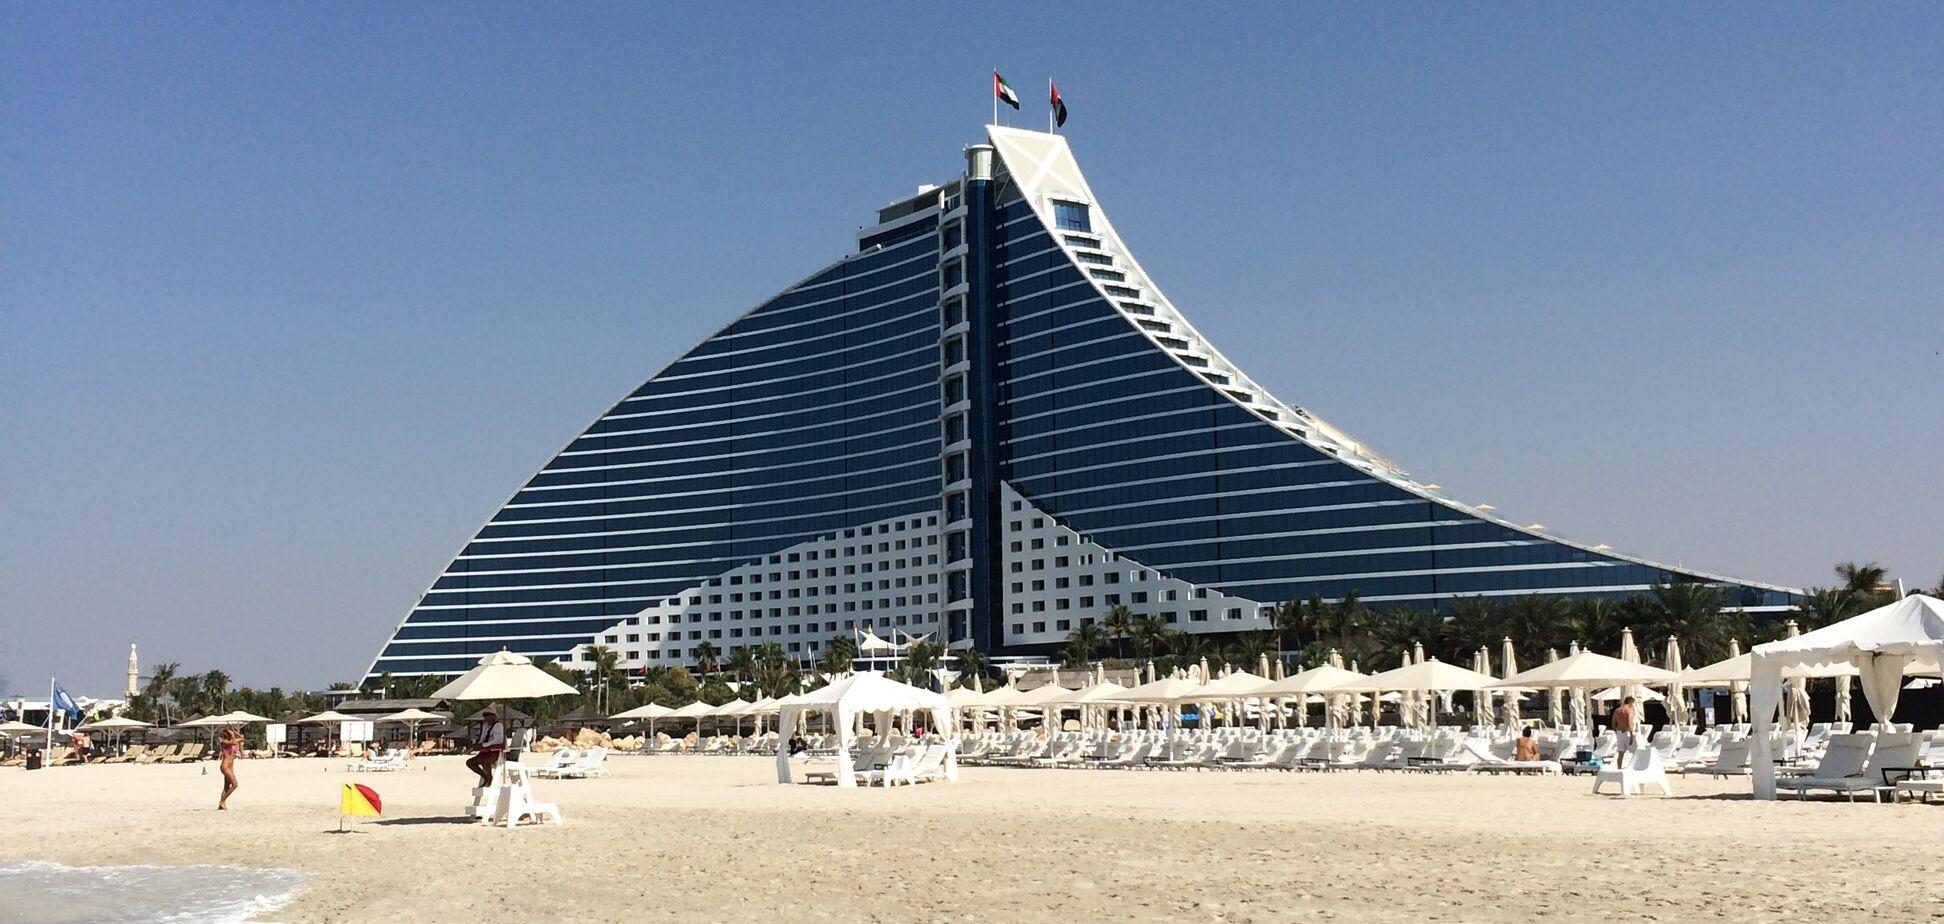 Восьмое чудо света: Дубай - город, который захватывает